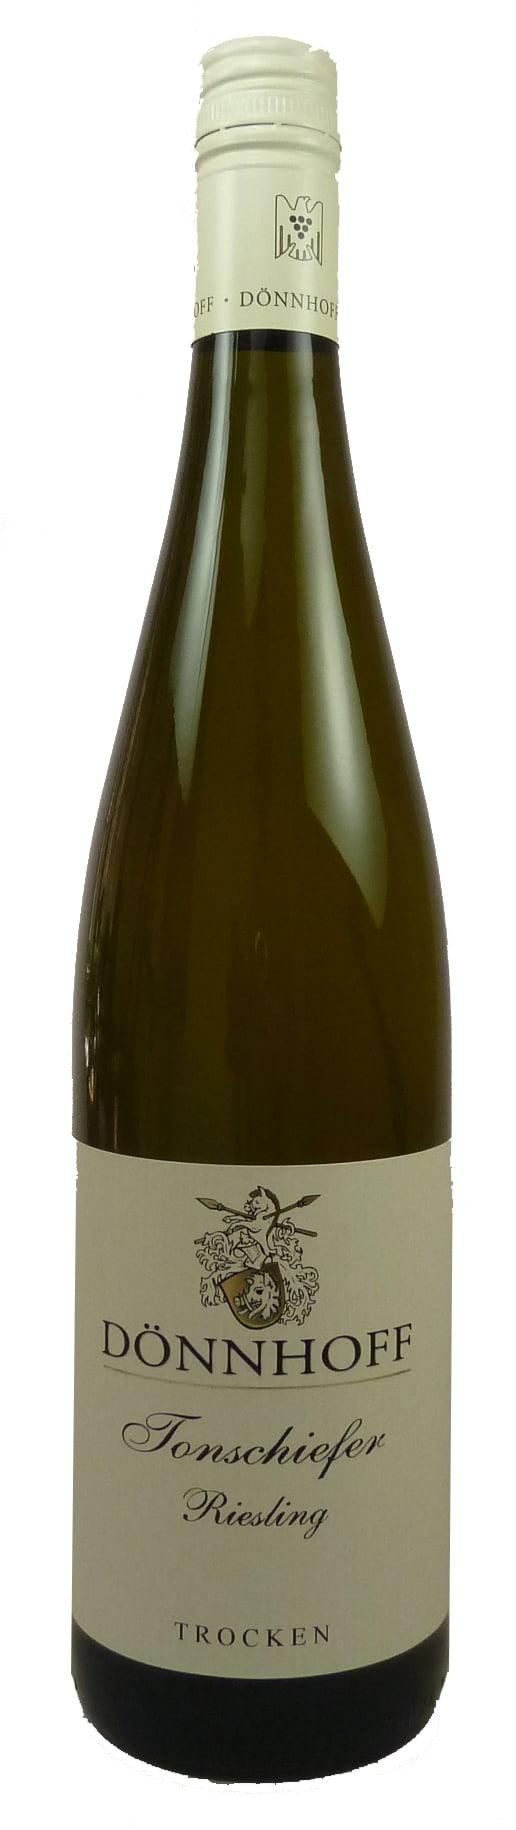 Tonschiefer Riesling Qualitätswein trocken 2017